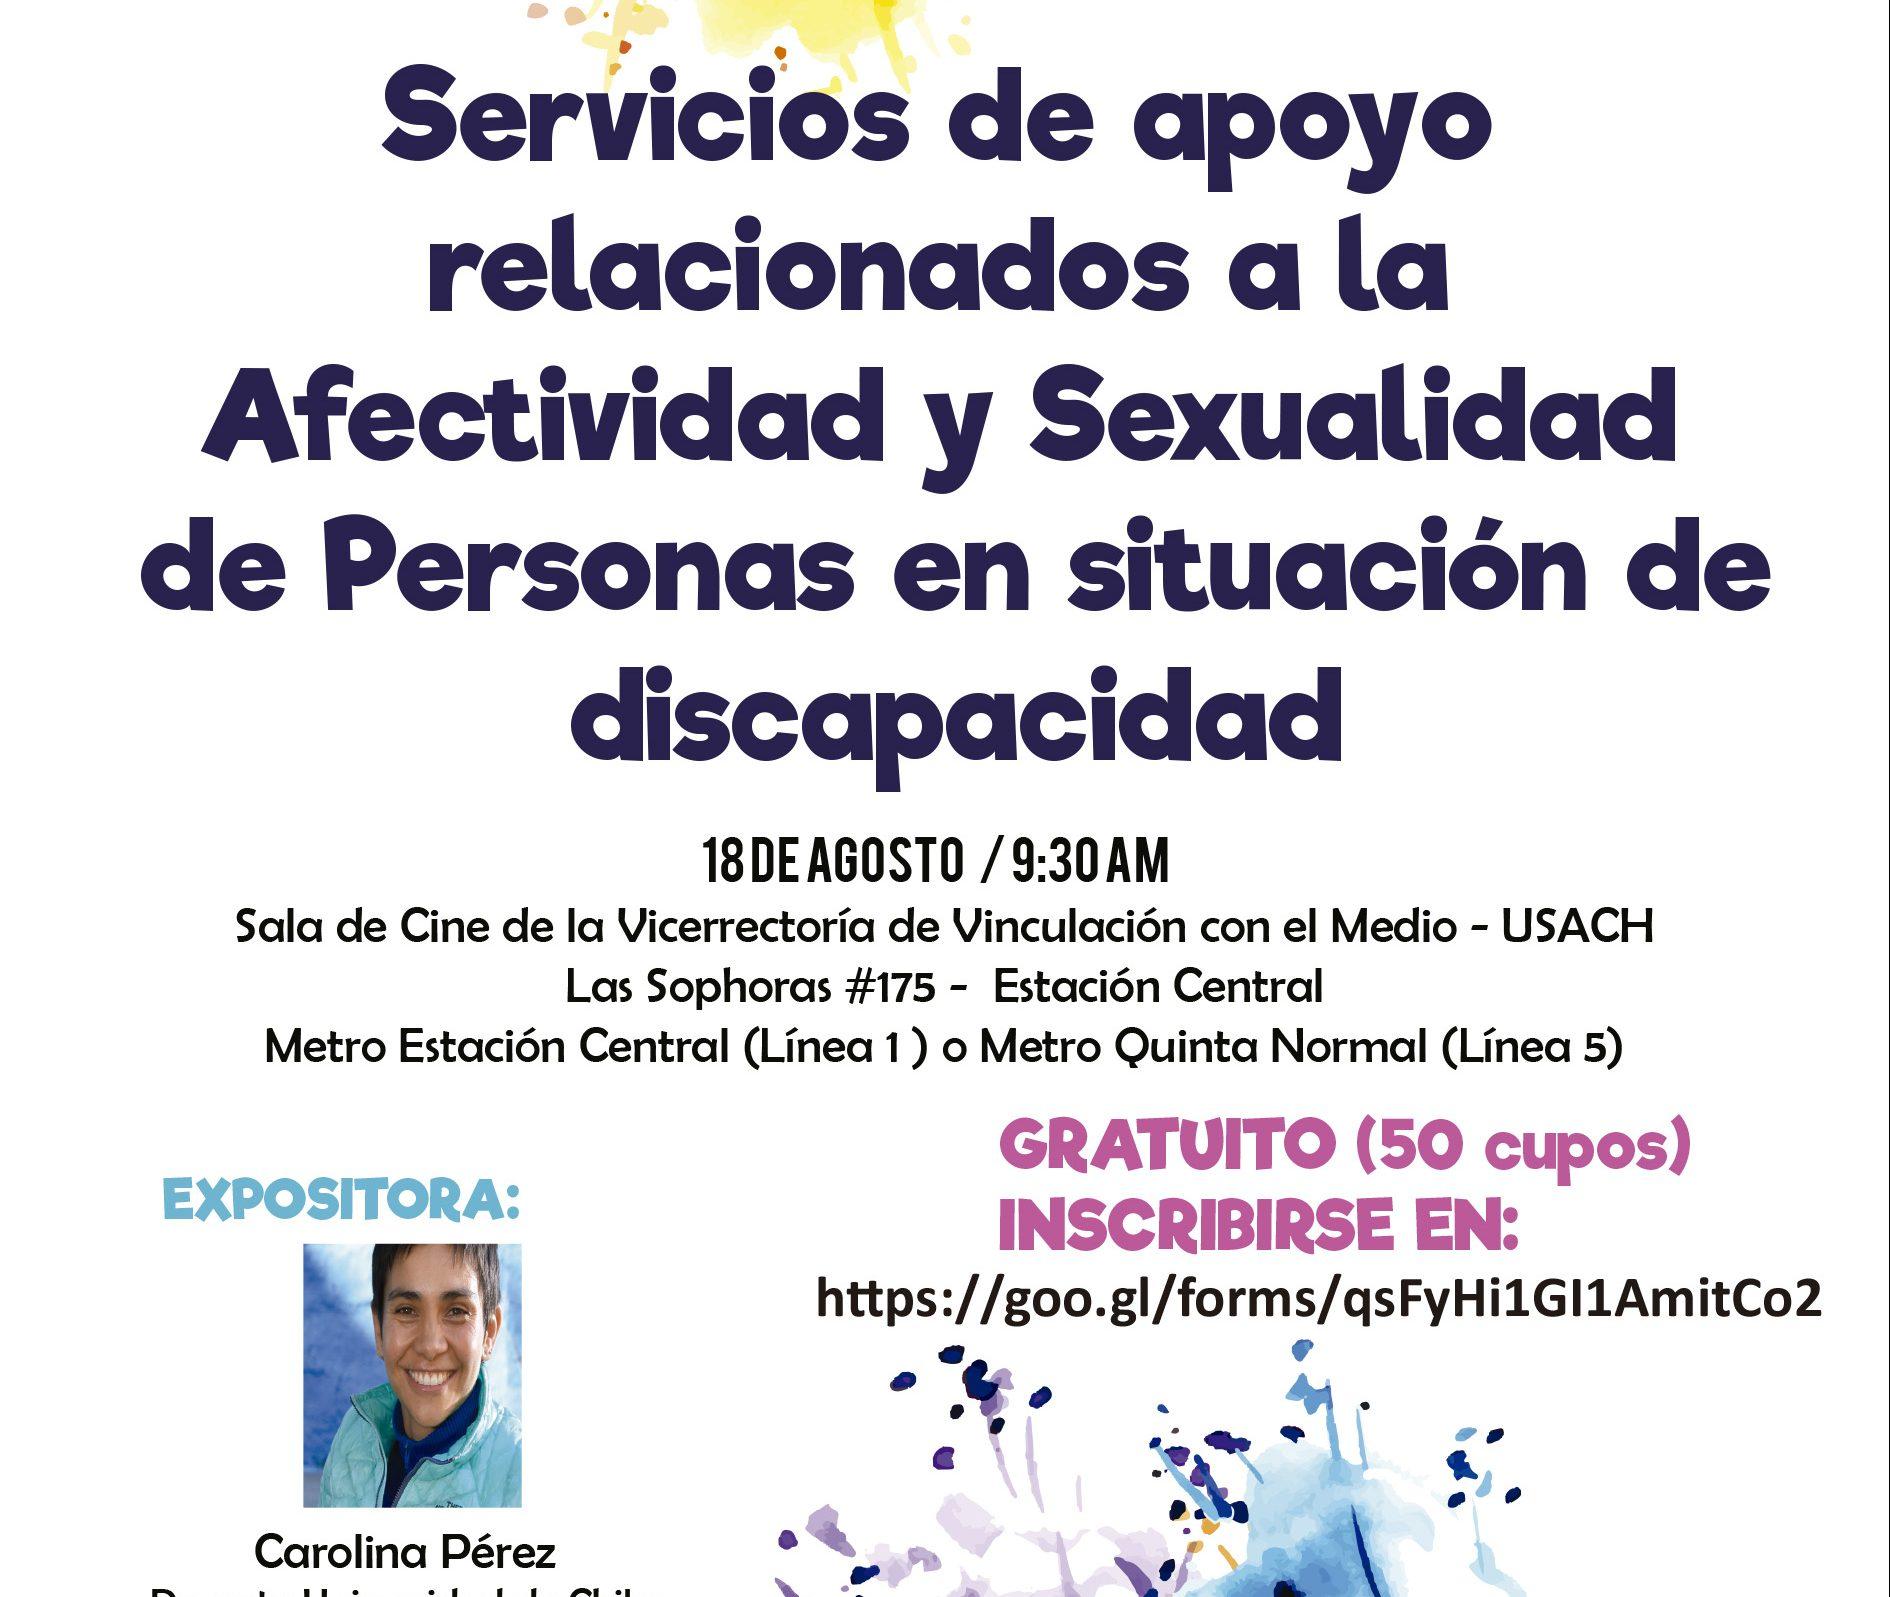 Encuentro sobre servicios de apoyos relacionados a la afecitivdad y sexualidad